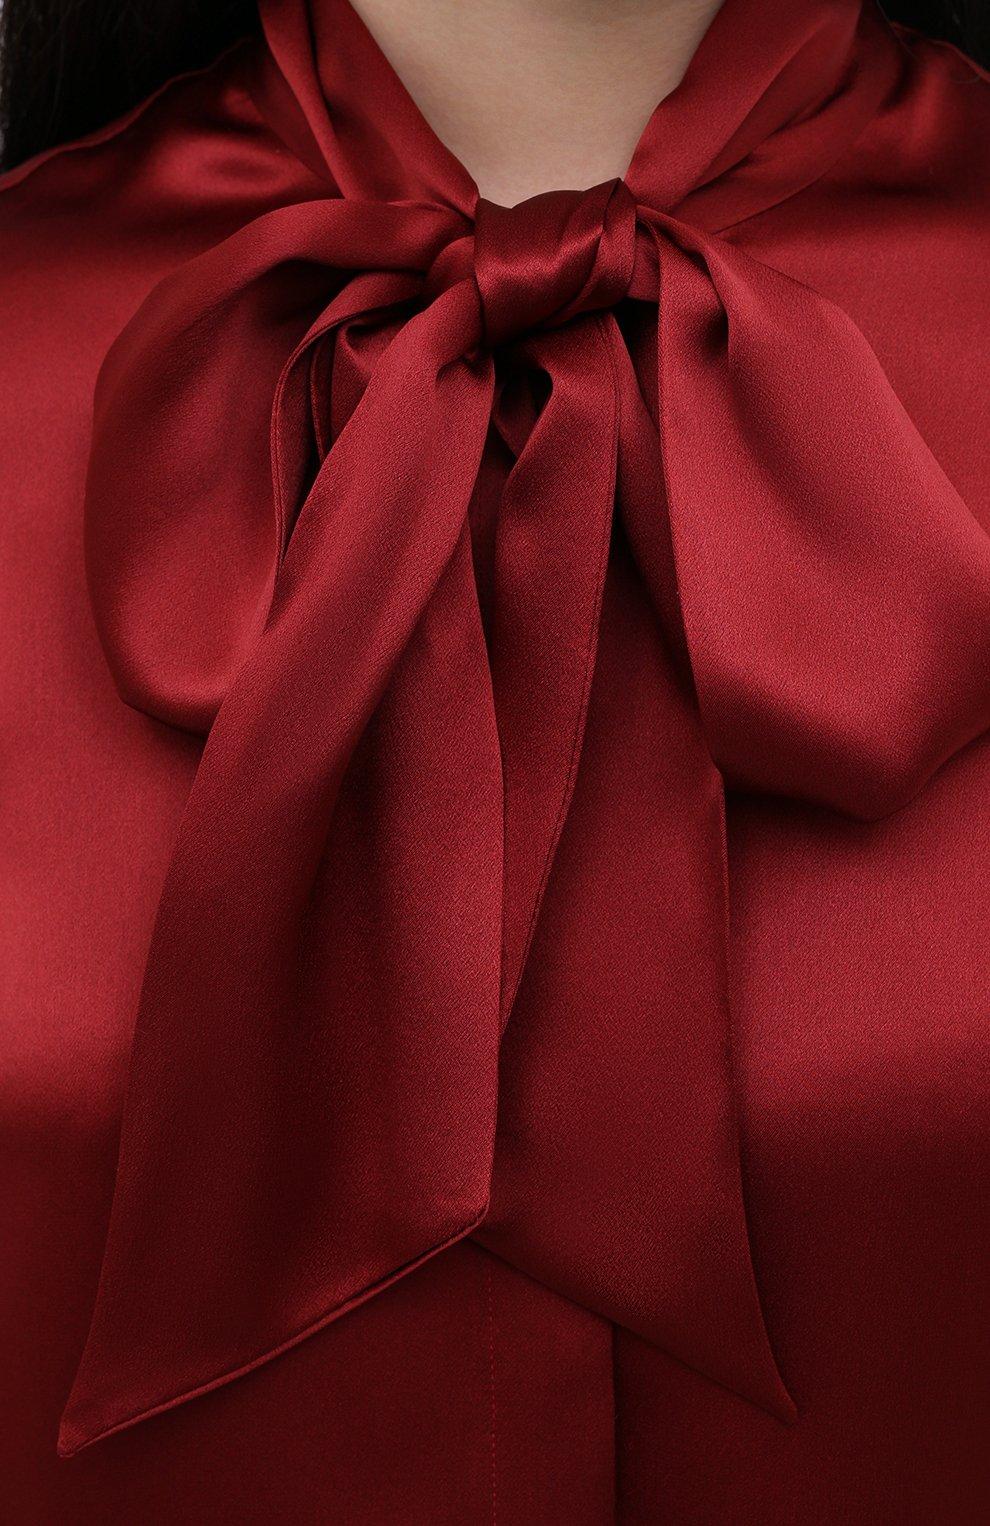 Женская шелковая блузка SAINT LAURENT красного цвета, арт. 635897/Y2B43   Фото 5 (Материал внешний: Шелк; Рукава: Длинные; Принт: Без принта; Длина (для топов): Стандартные; Женское Кросс-КТ: Блуза-одежда)